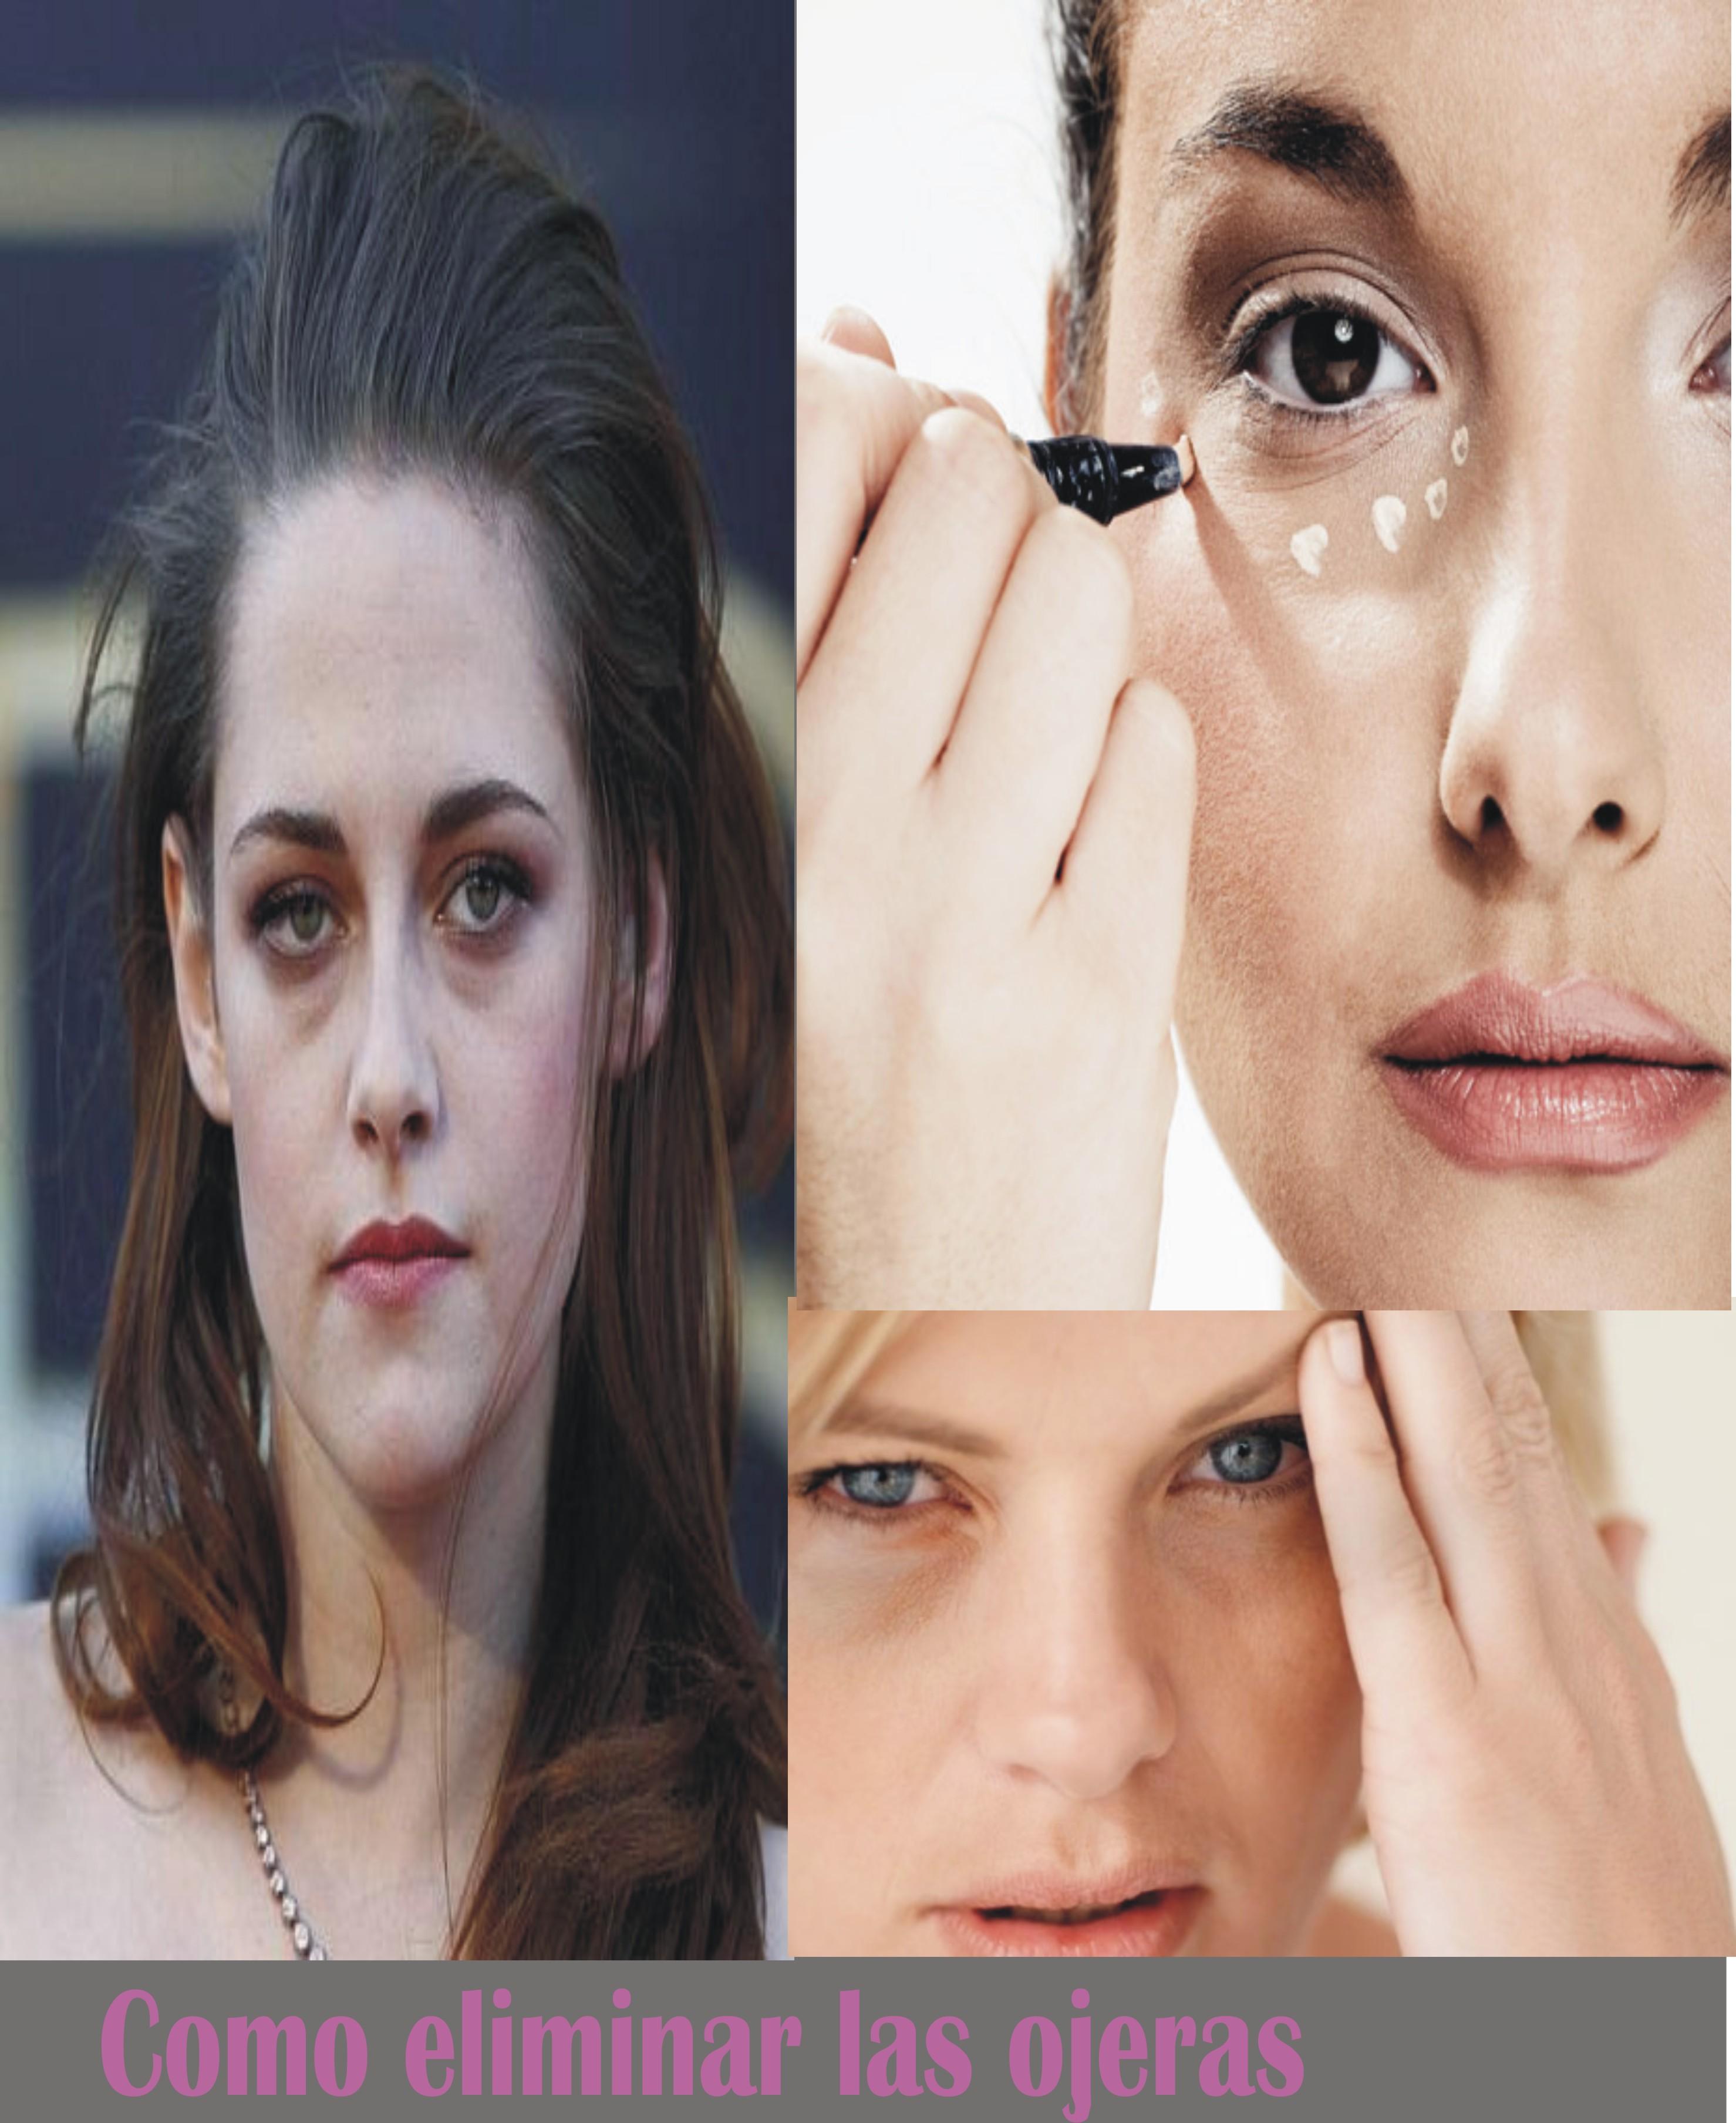 La máscara a los ojos el aceite de oliva